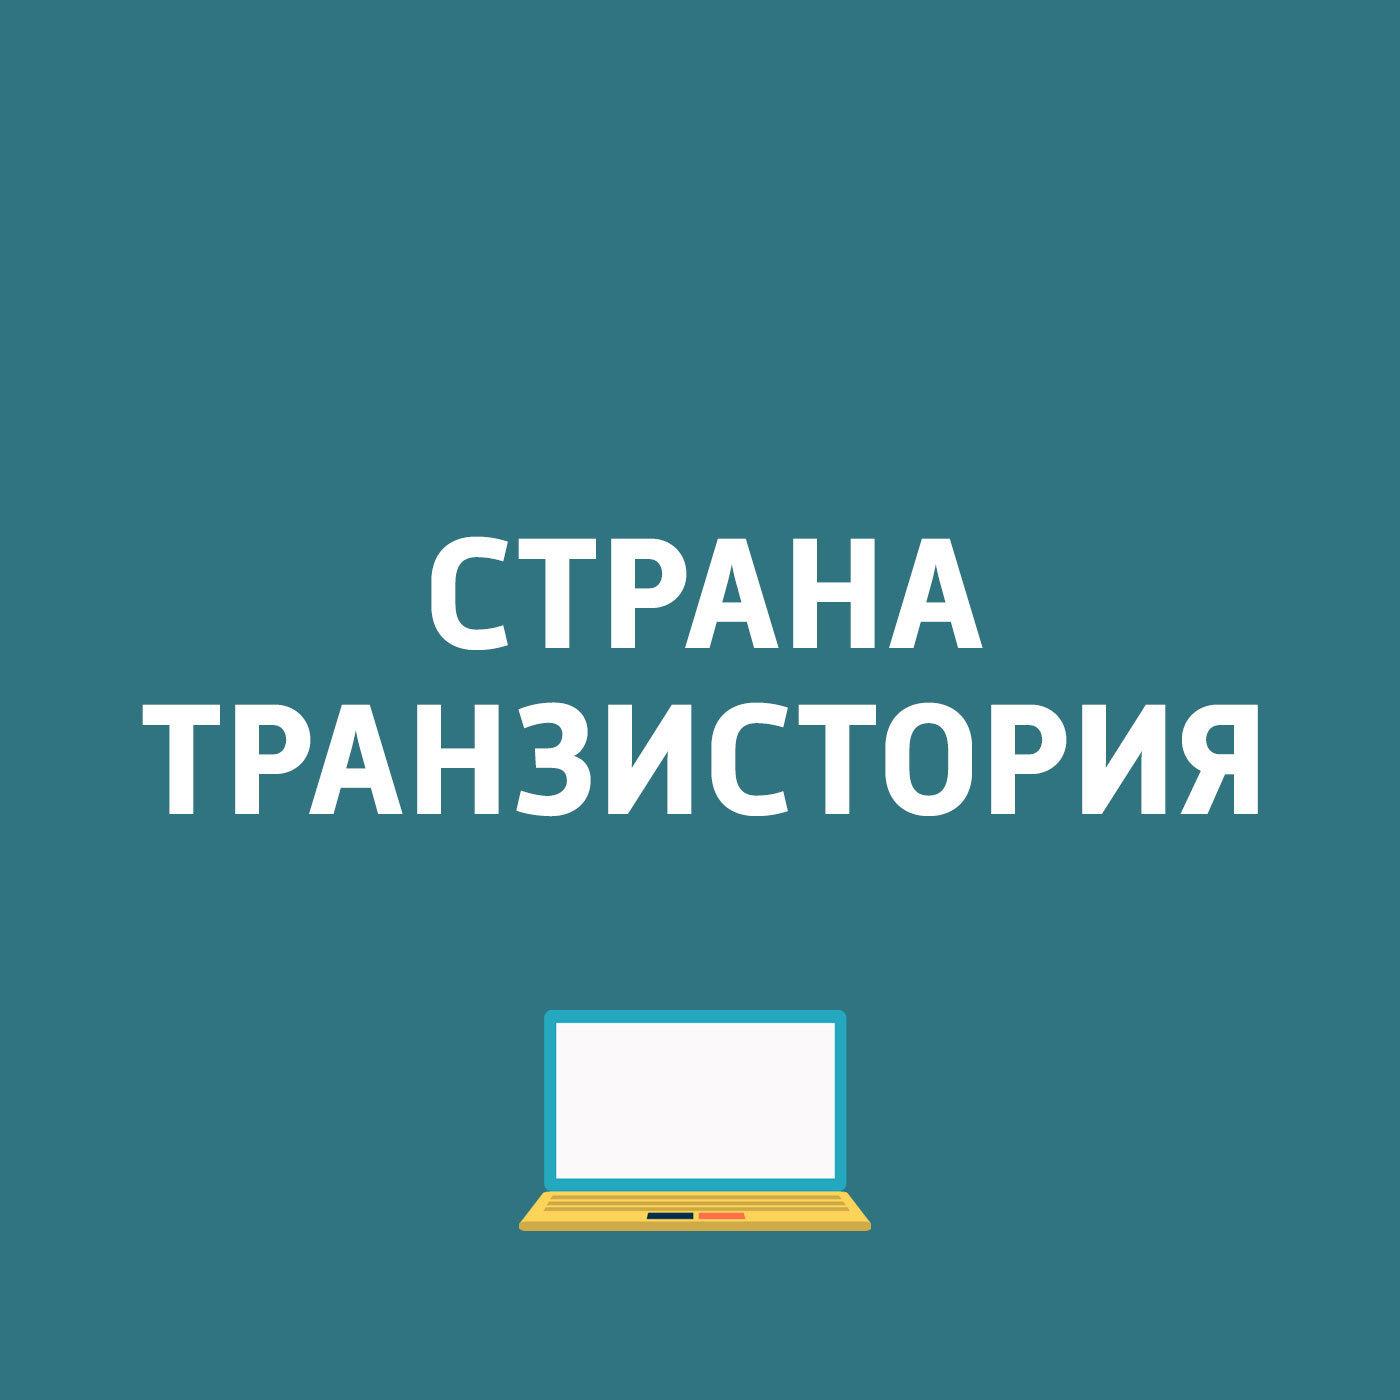 Картаев Павел Начало продаж Xperia XZ2 Premium в России; Графическая архитектура NVIDIA Turing; Google на Android отслеживает и сохраняет действия пользователей картаев павел archos объявила о старте продаж планшета 70c neon в россии